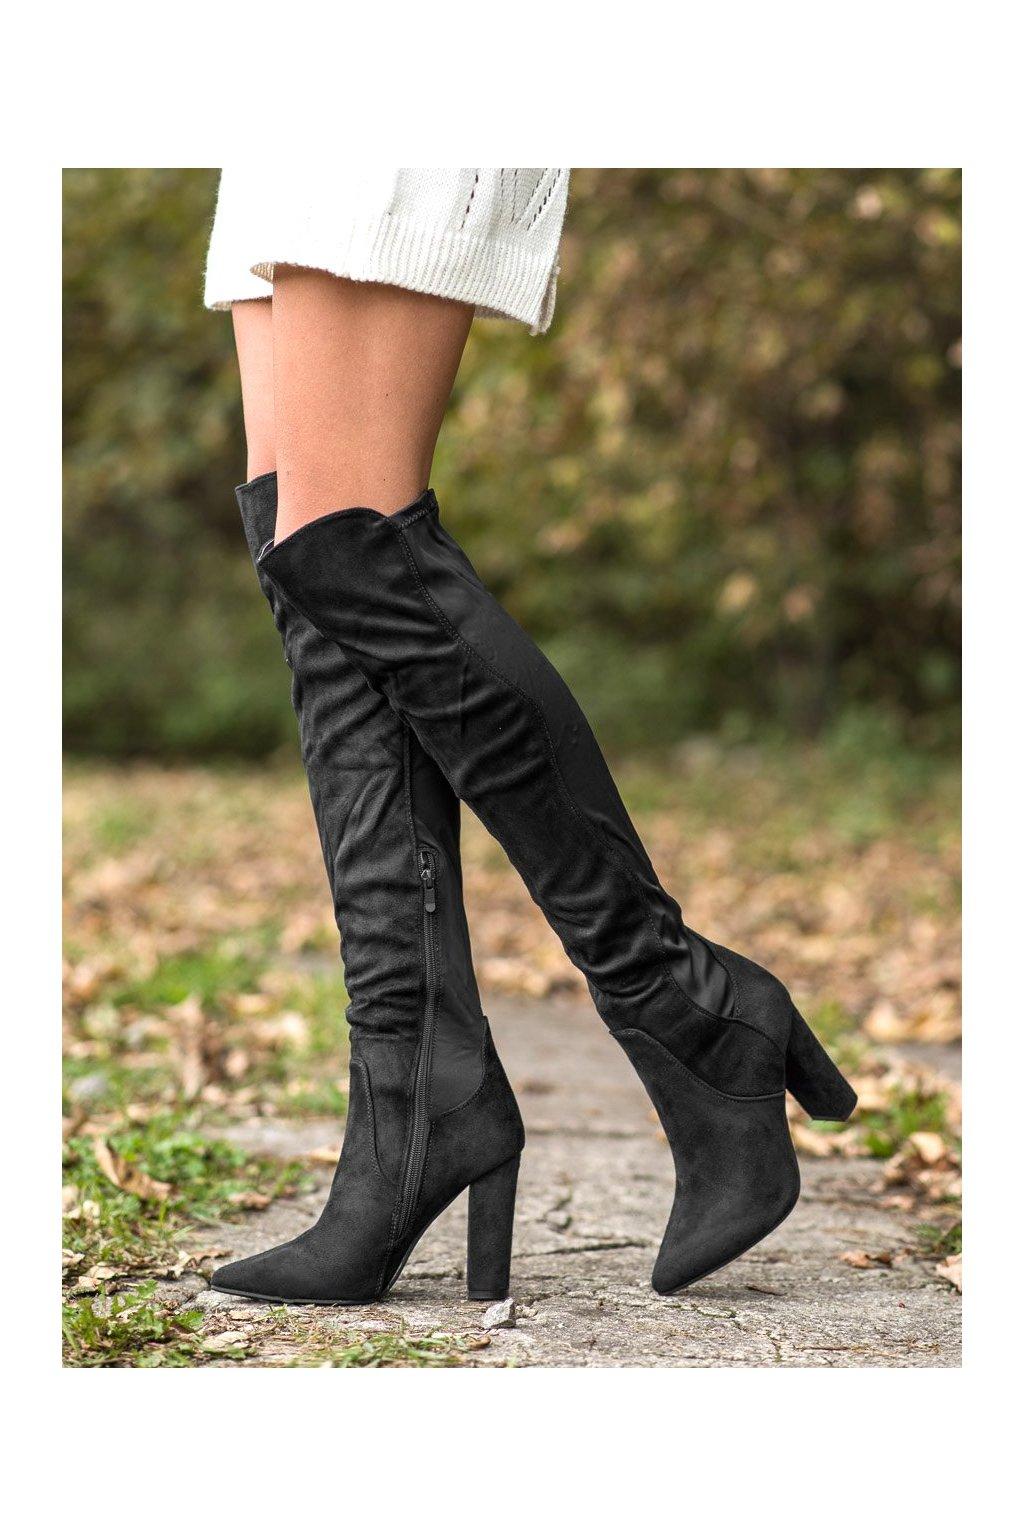 Čierne čižmy Sweet shoes kod D7506B